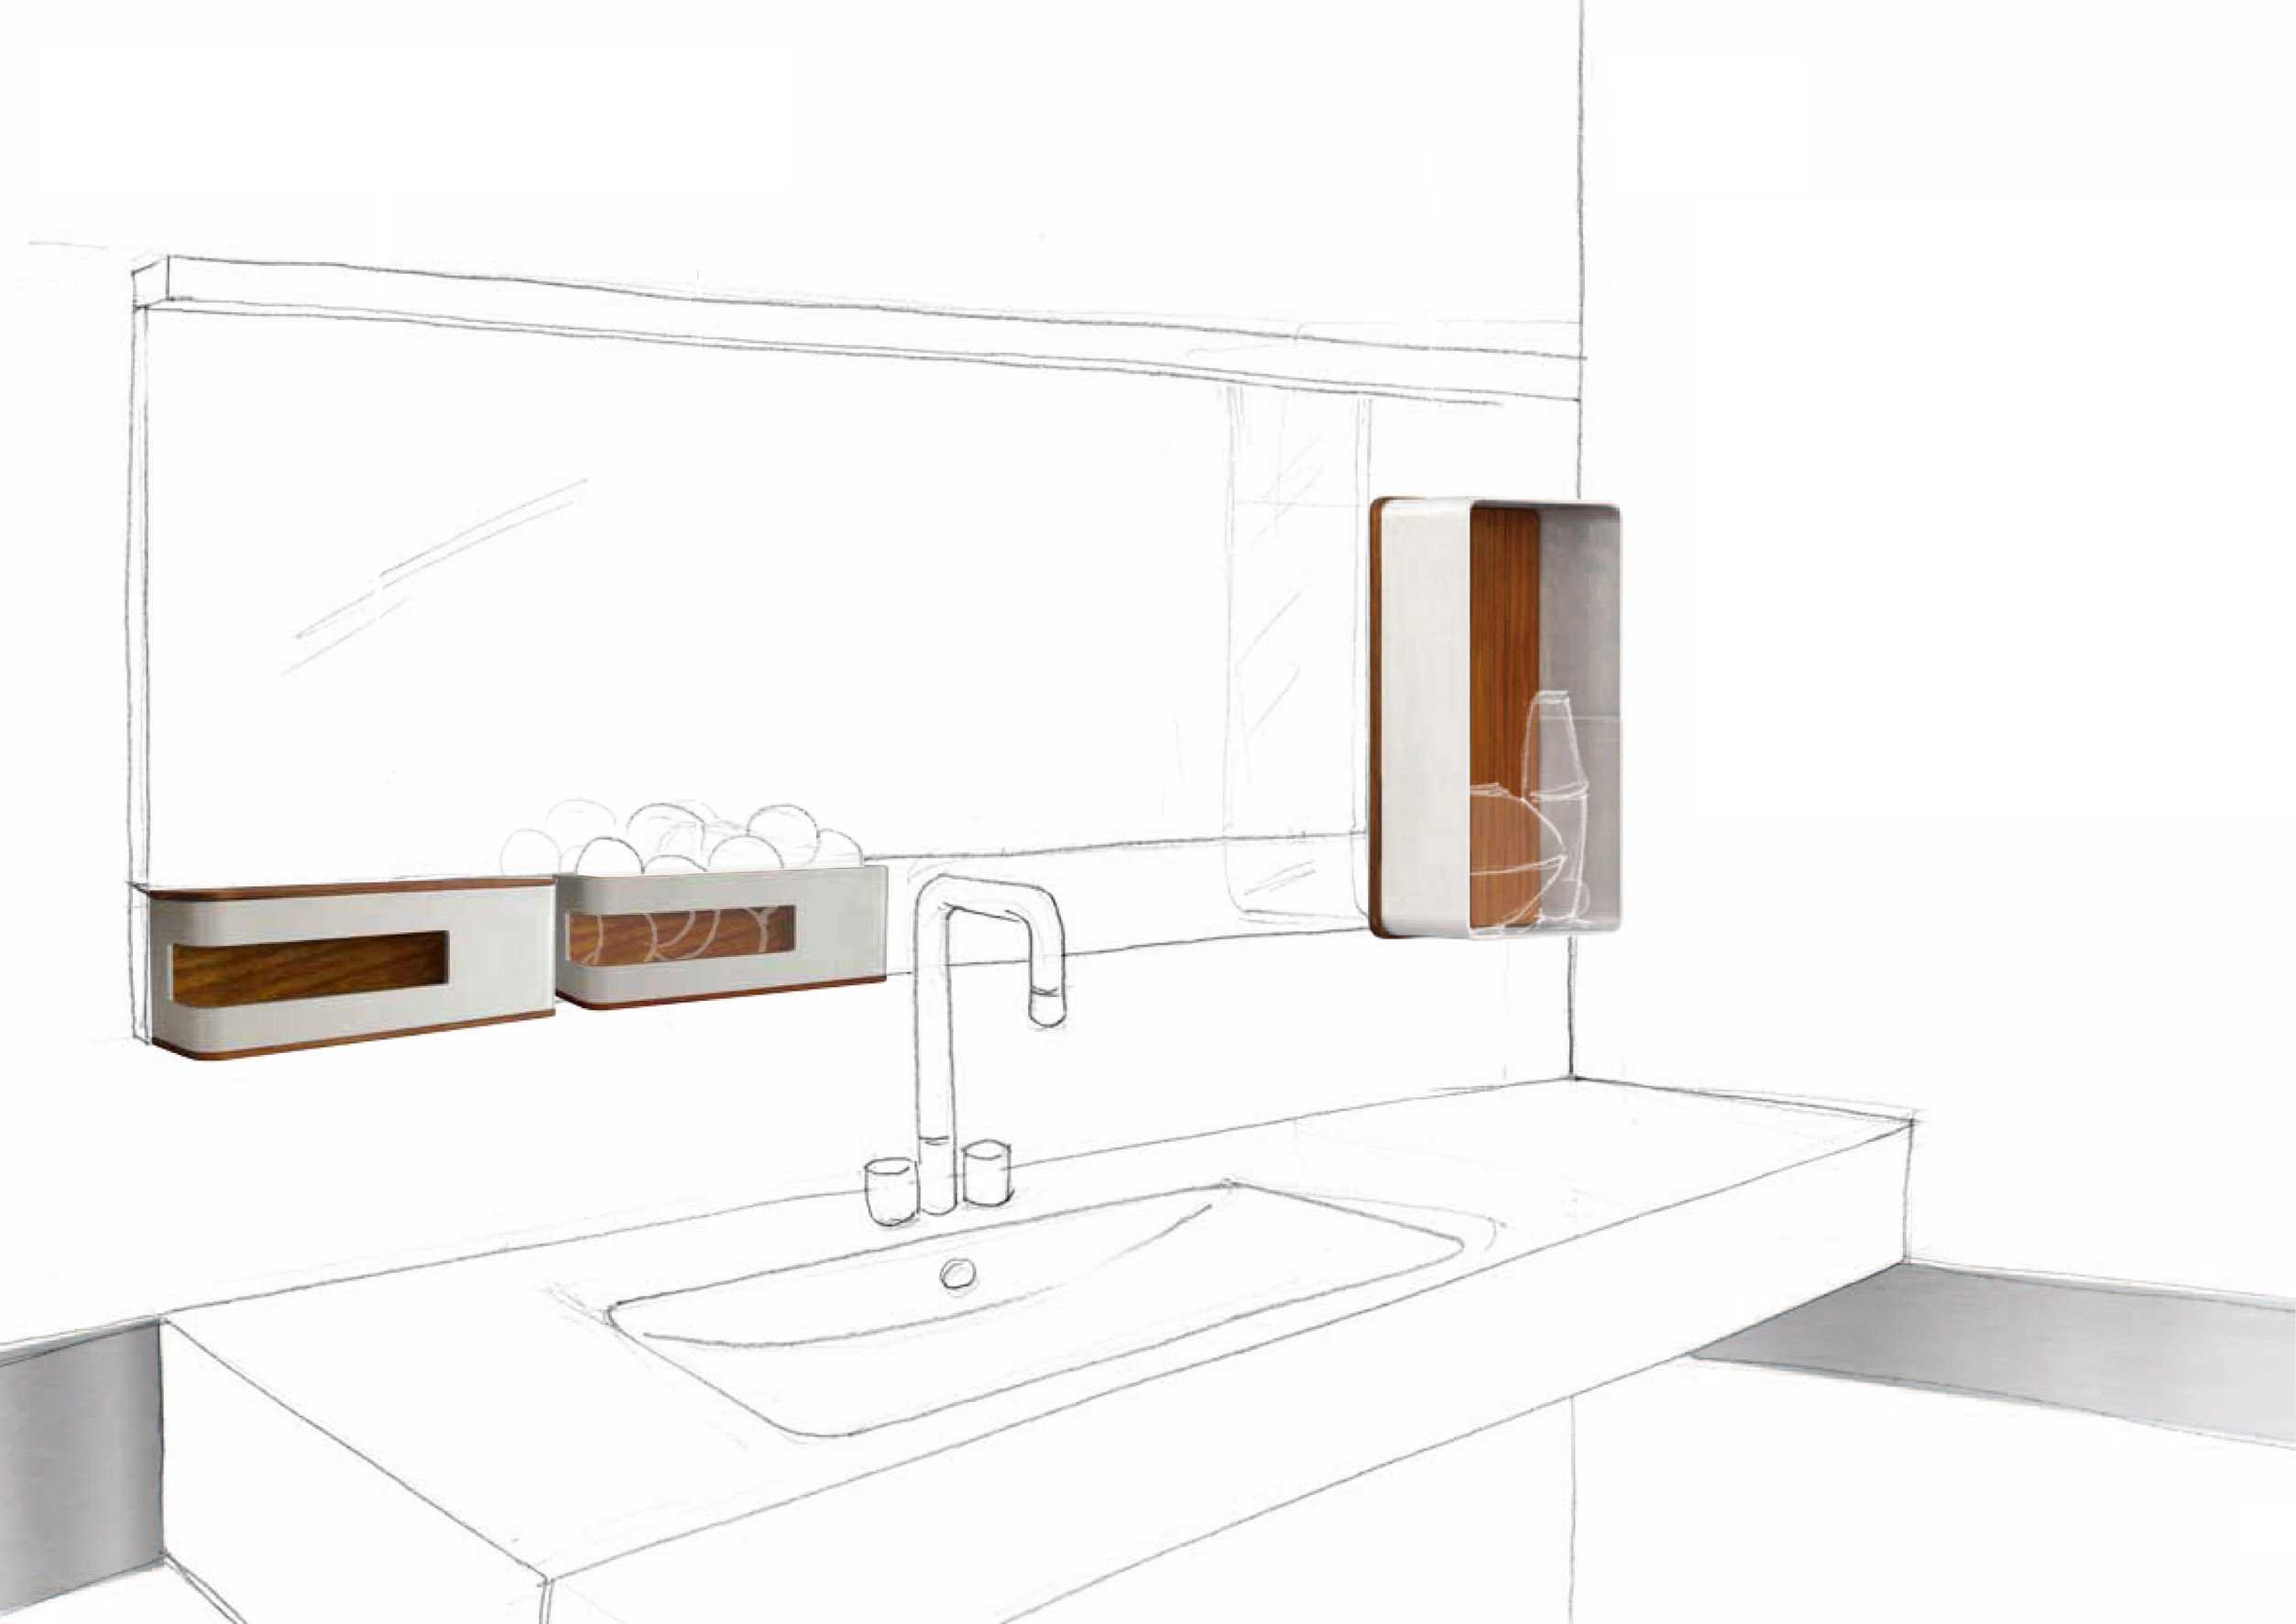 Arredo bagno accessori e mobili per arredare il bagno - Arredo bagno accessori ...